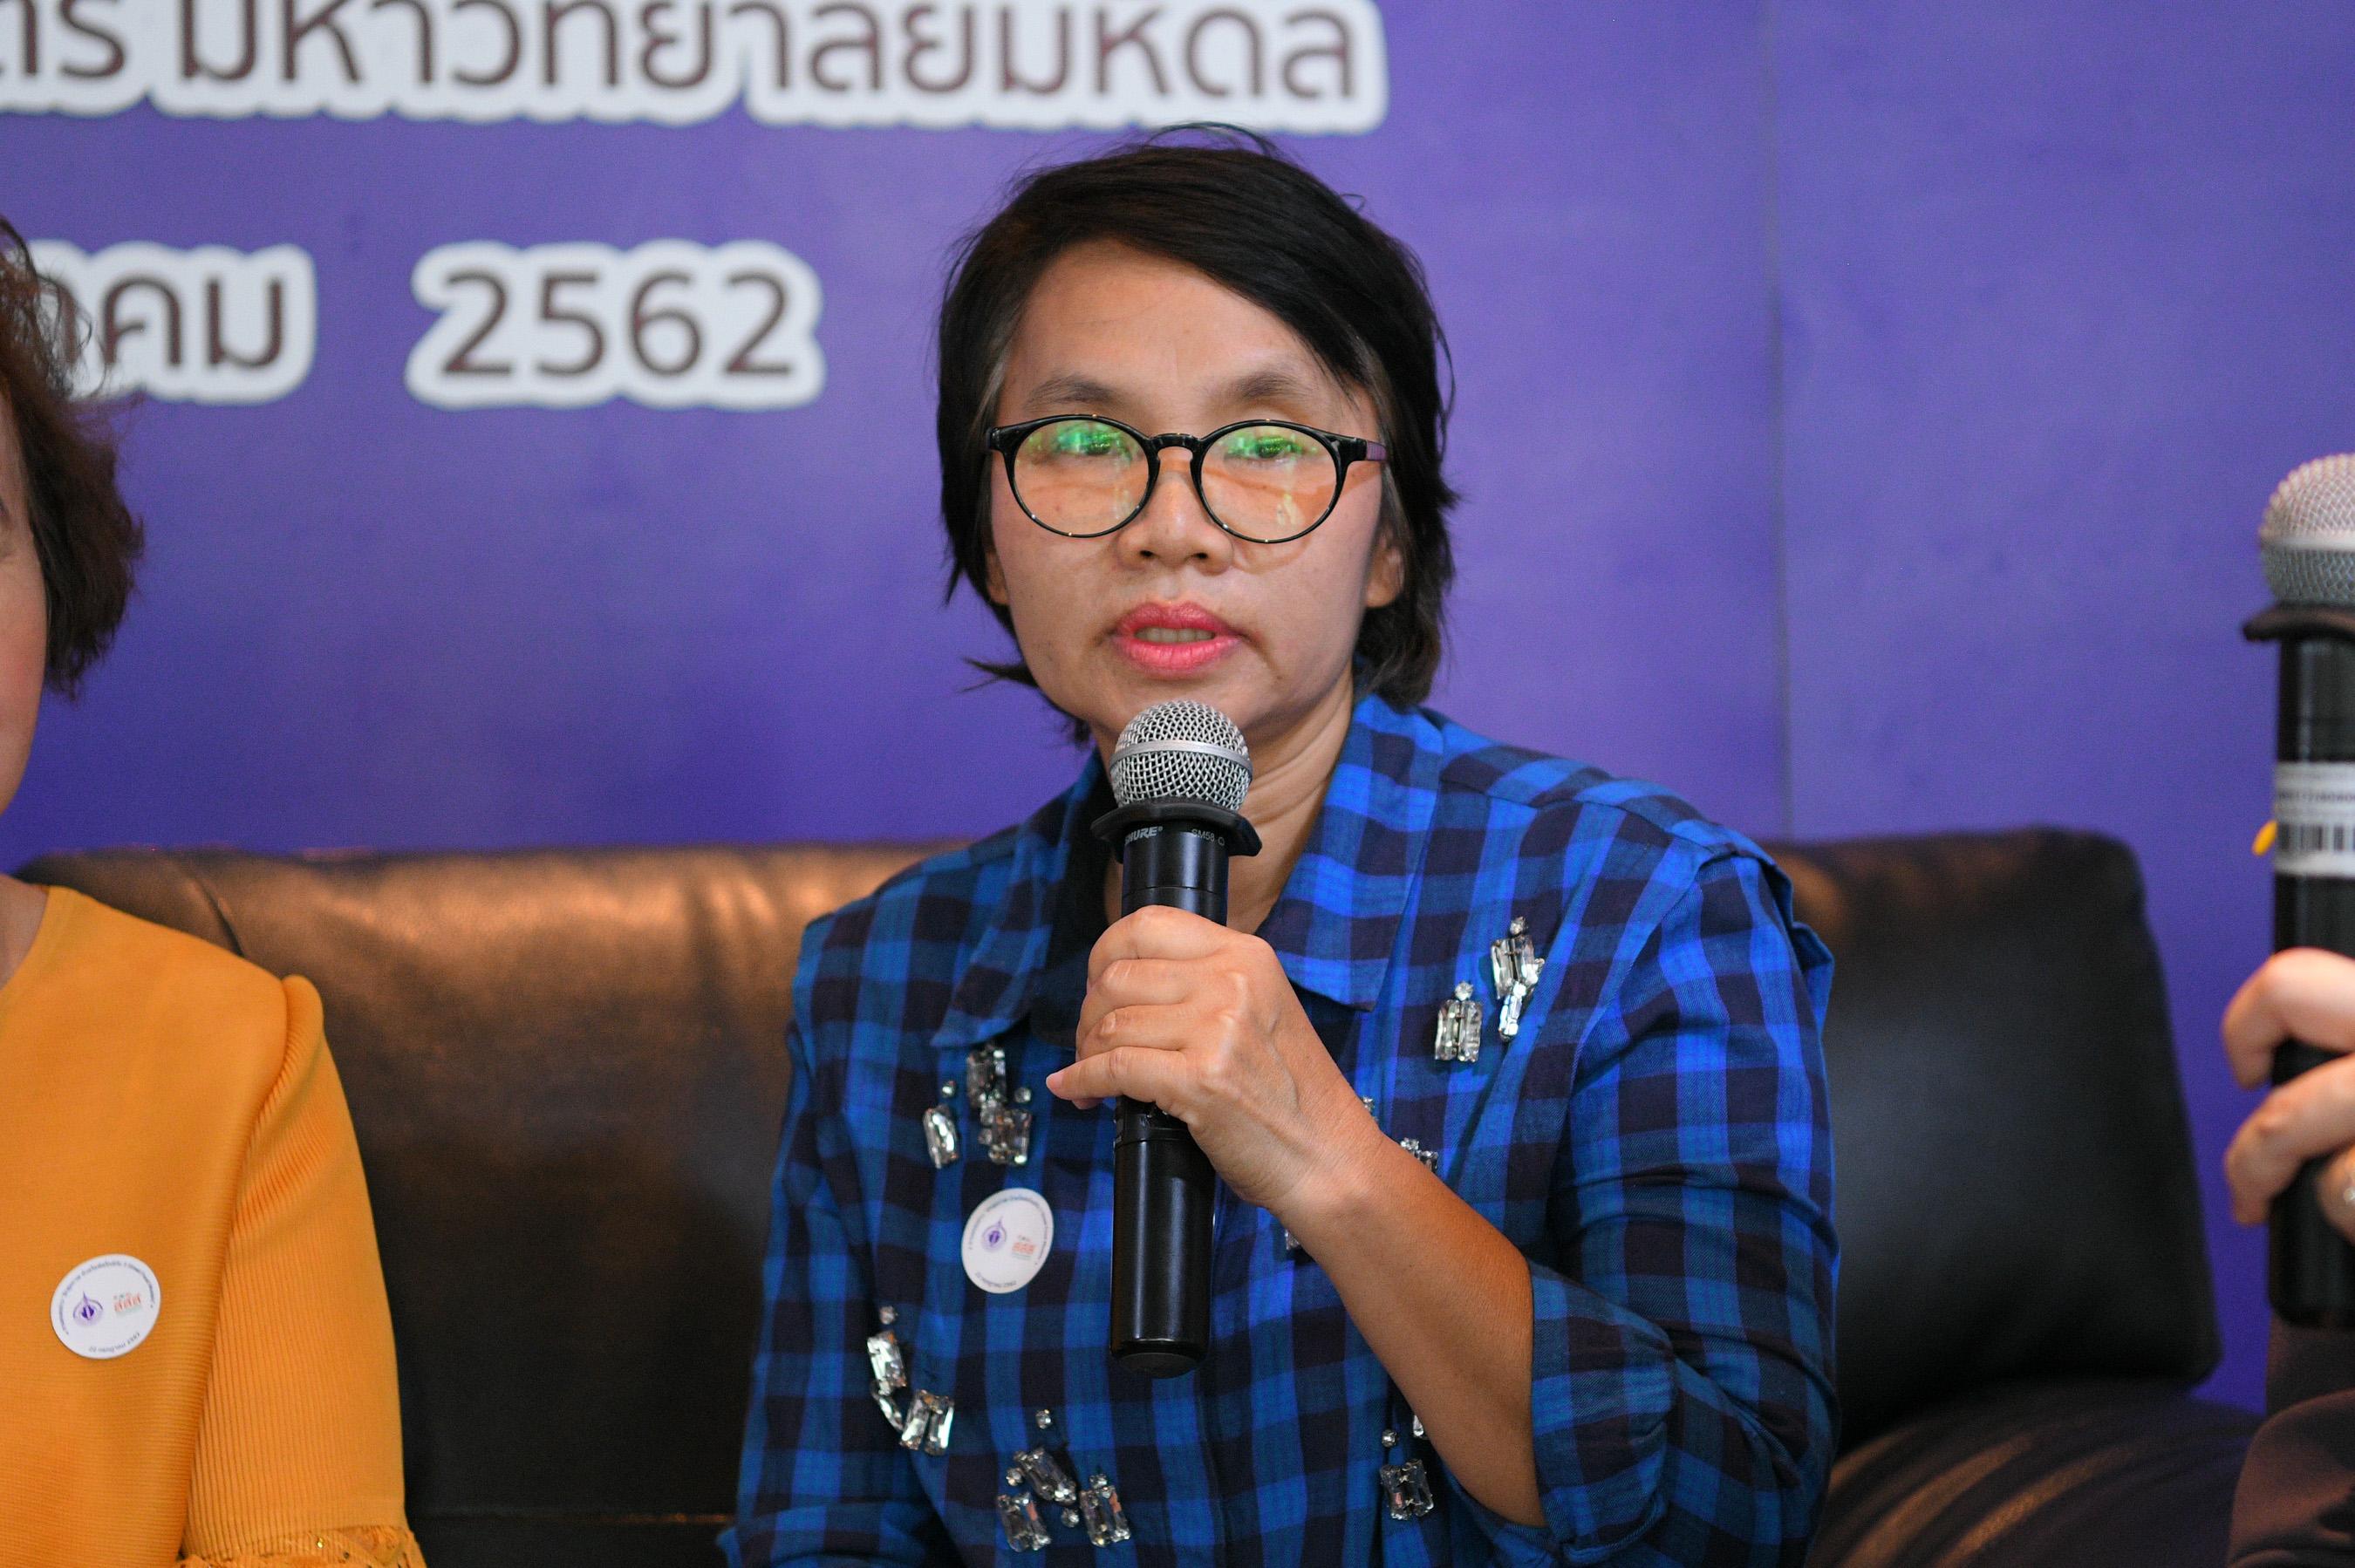 สตรีทฟู้ด ที่พึ่งคนเมือง-เสน่ห์ท่องเที่ยว thaihealth